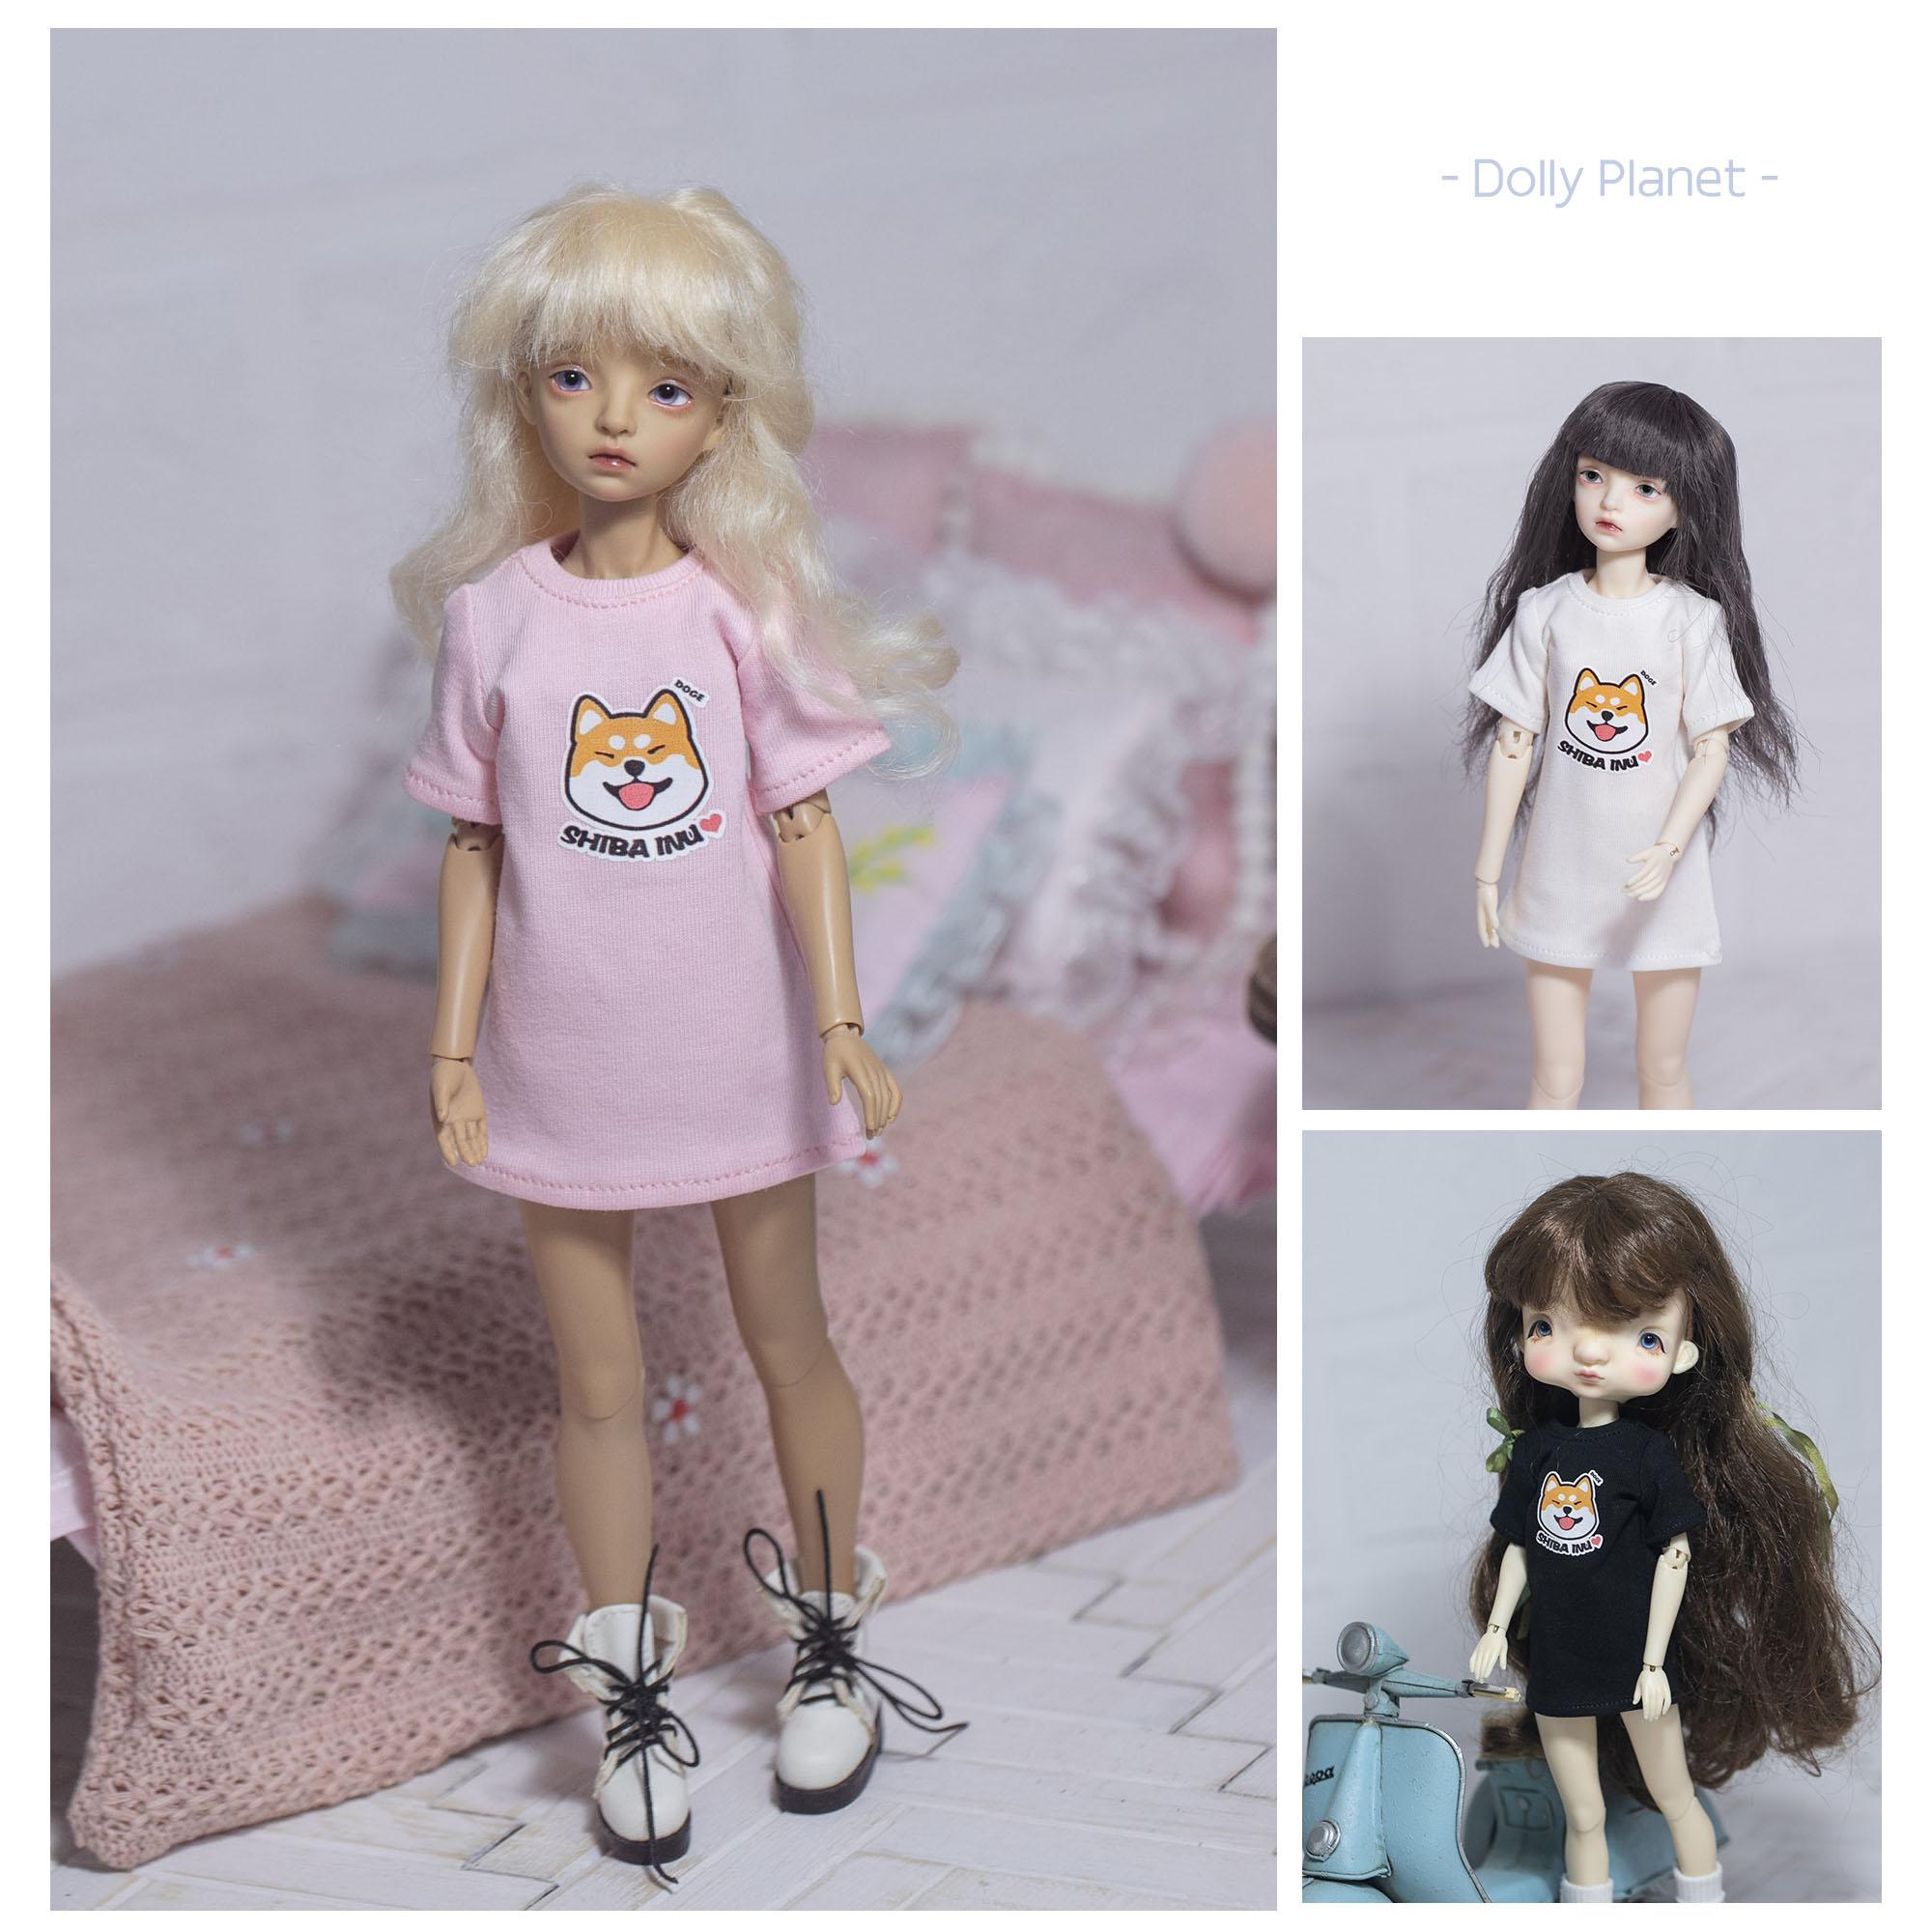 BO-03 Shiba Doll Outfit  Blythe/OB24/Licca